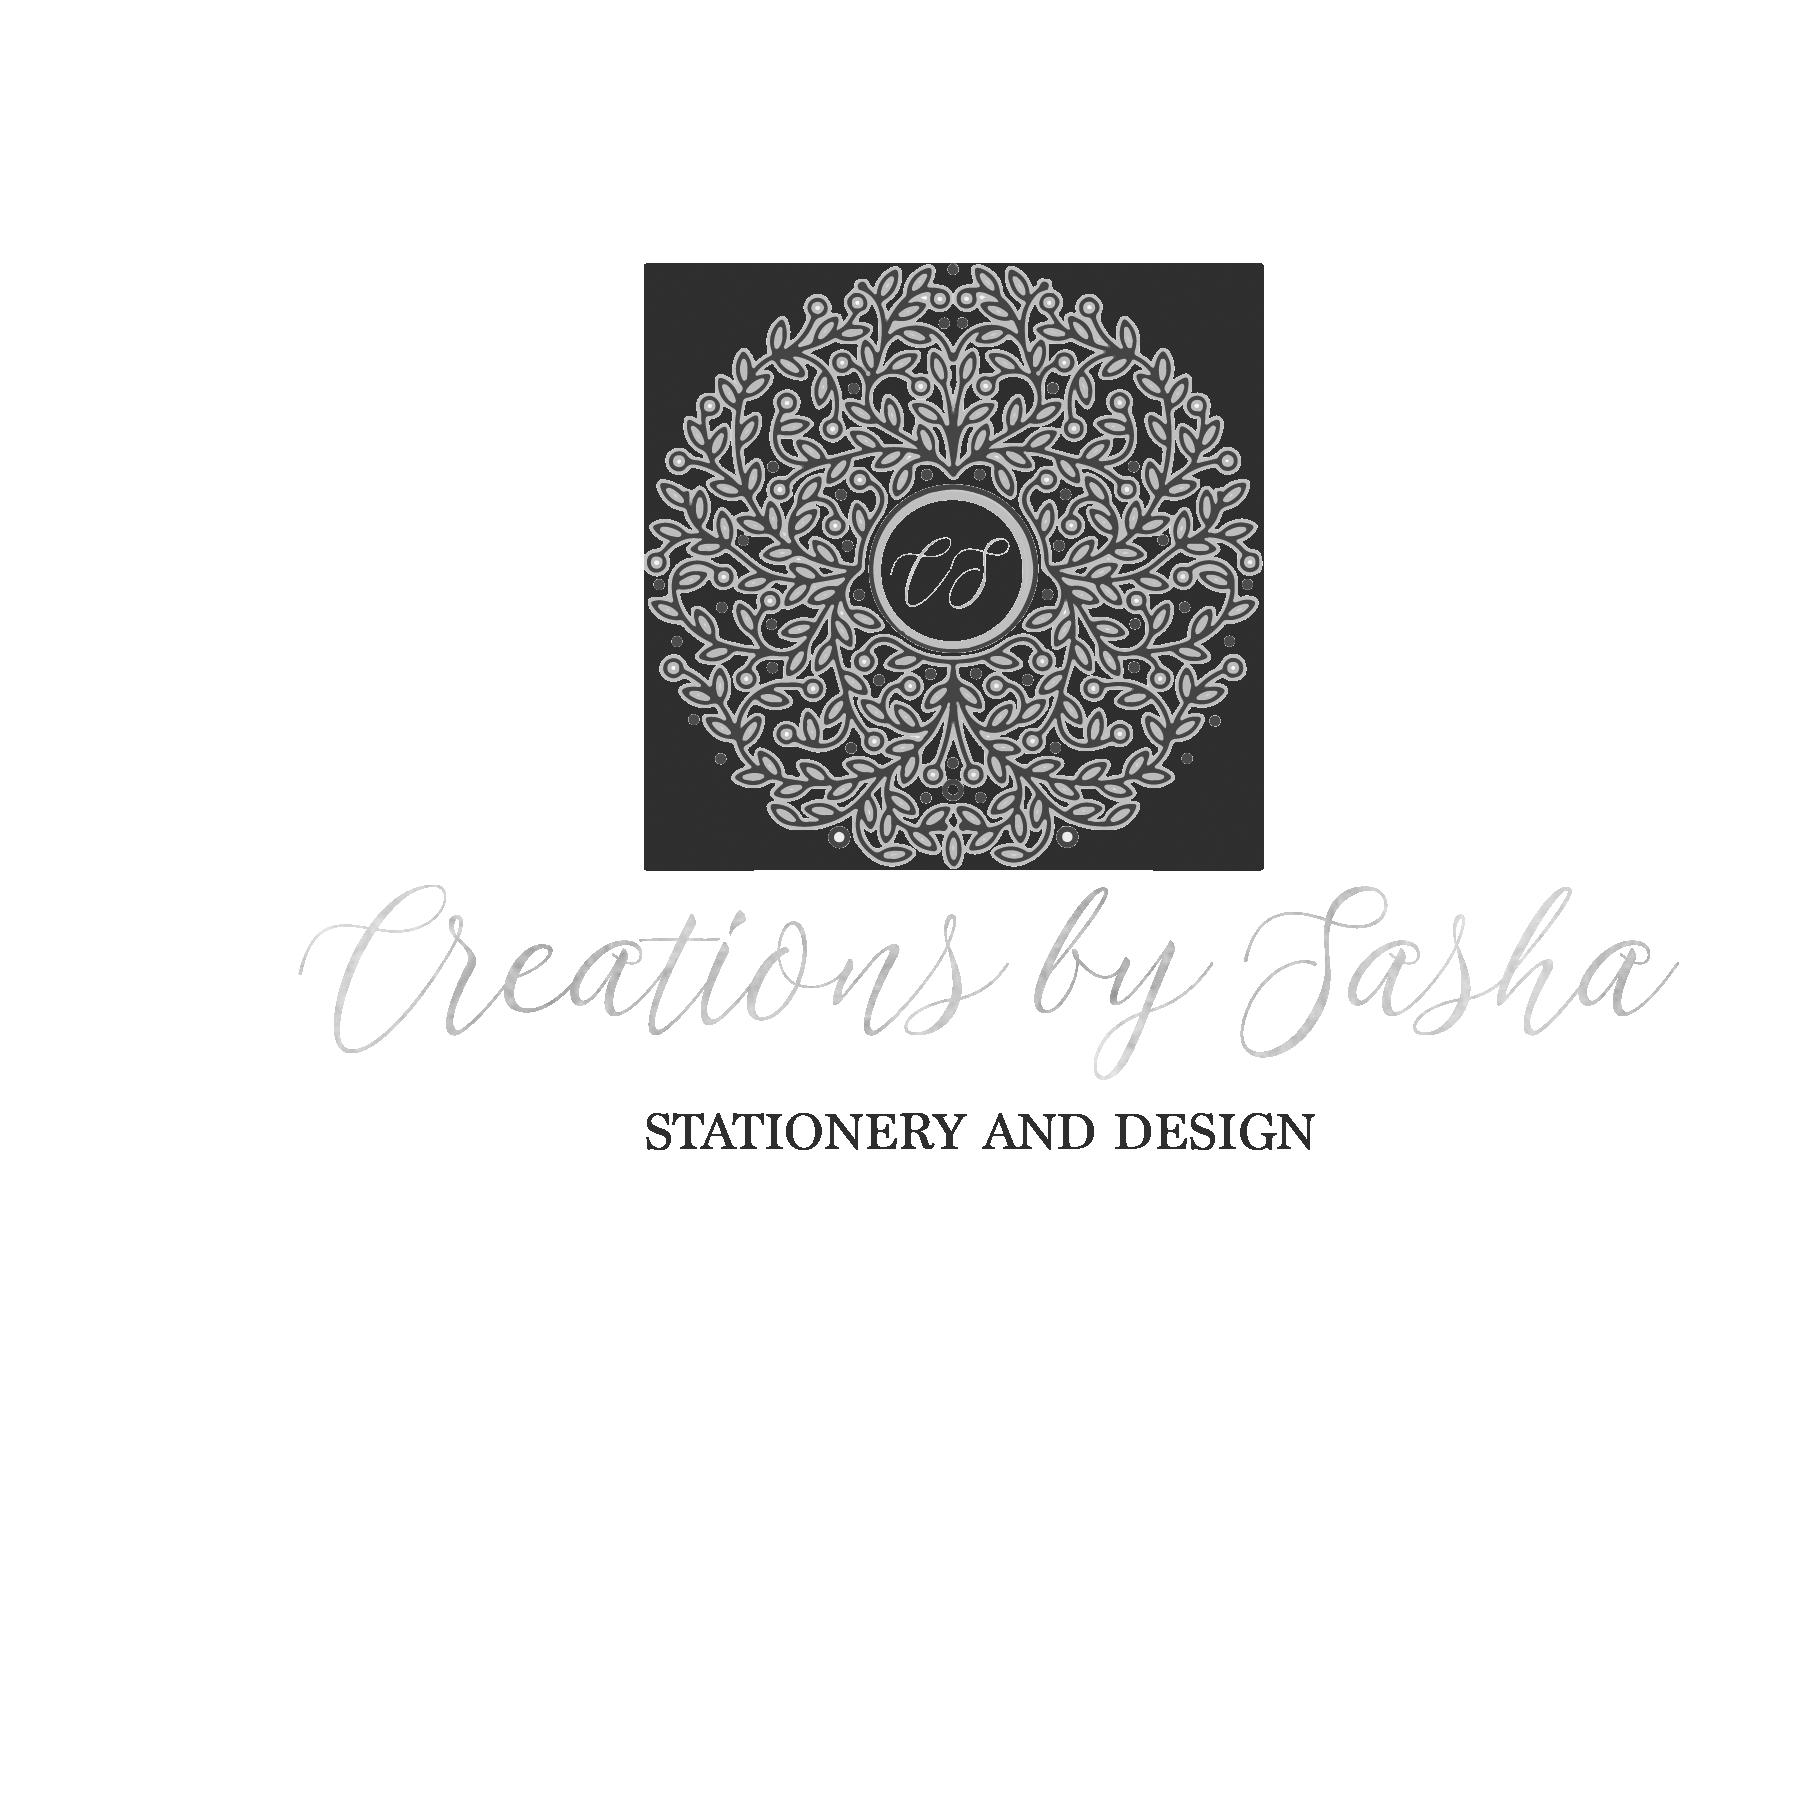 Creations-by-Sasha-Main-Logo-300dpi-BW-PNG.png